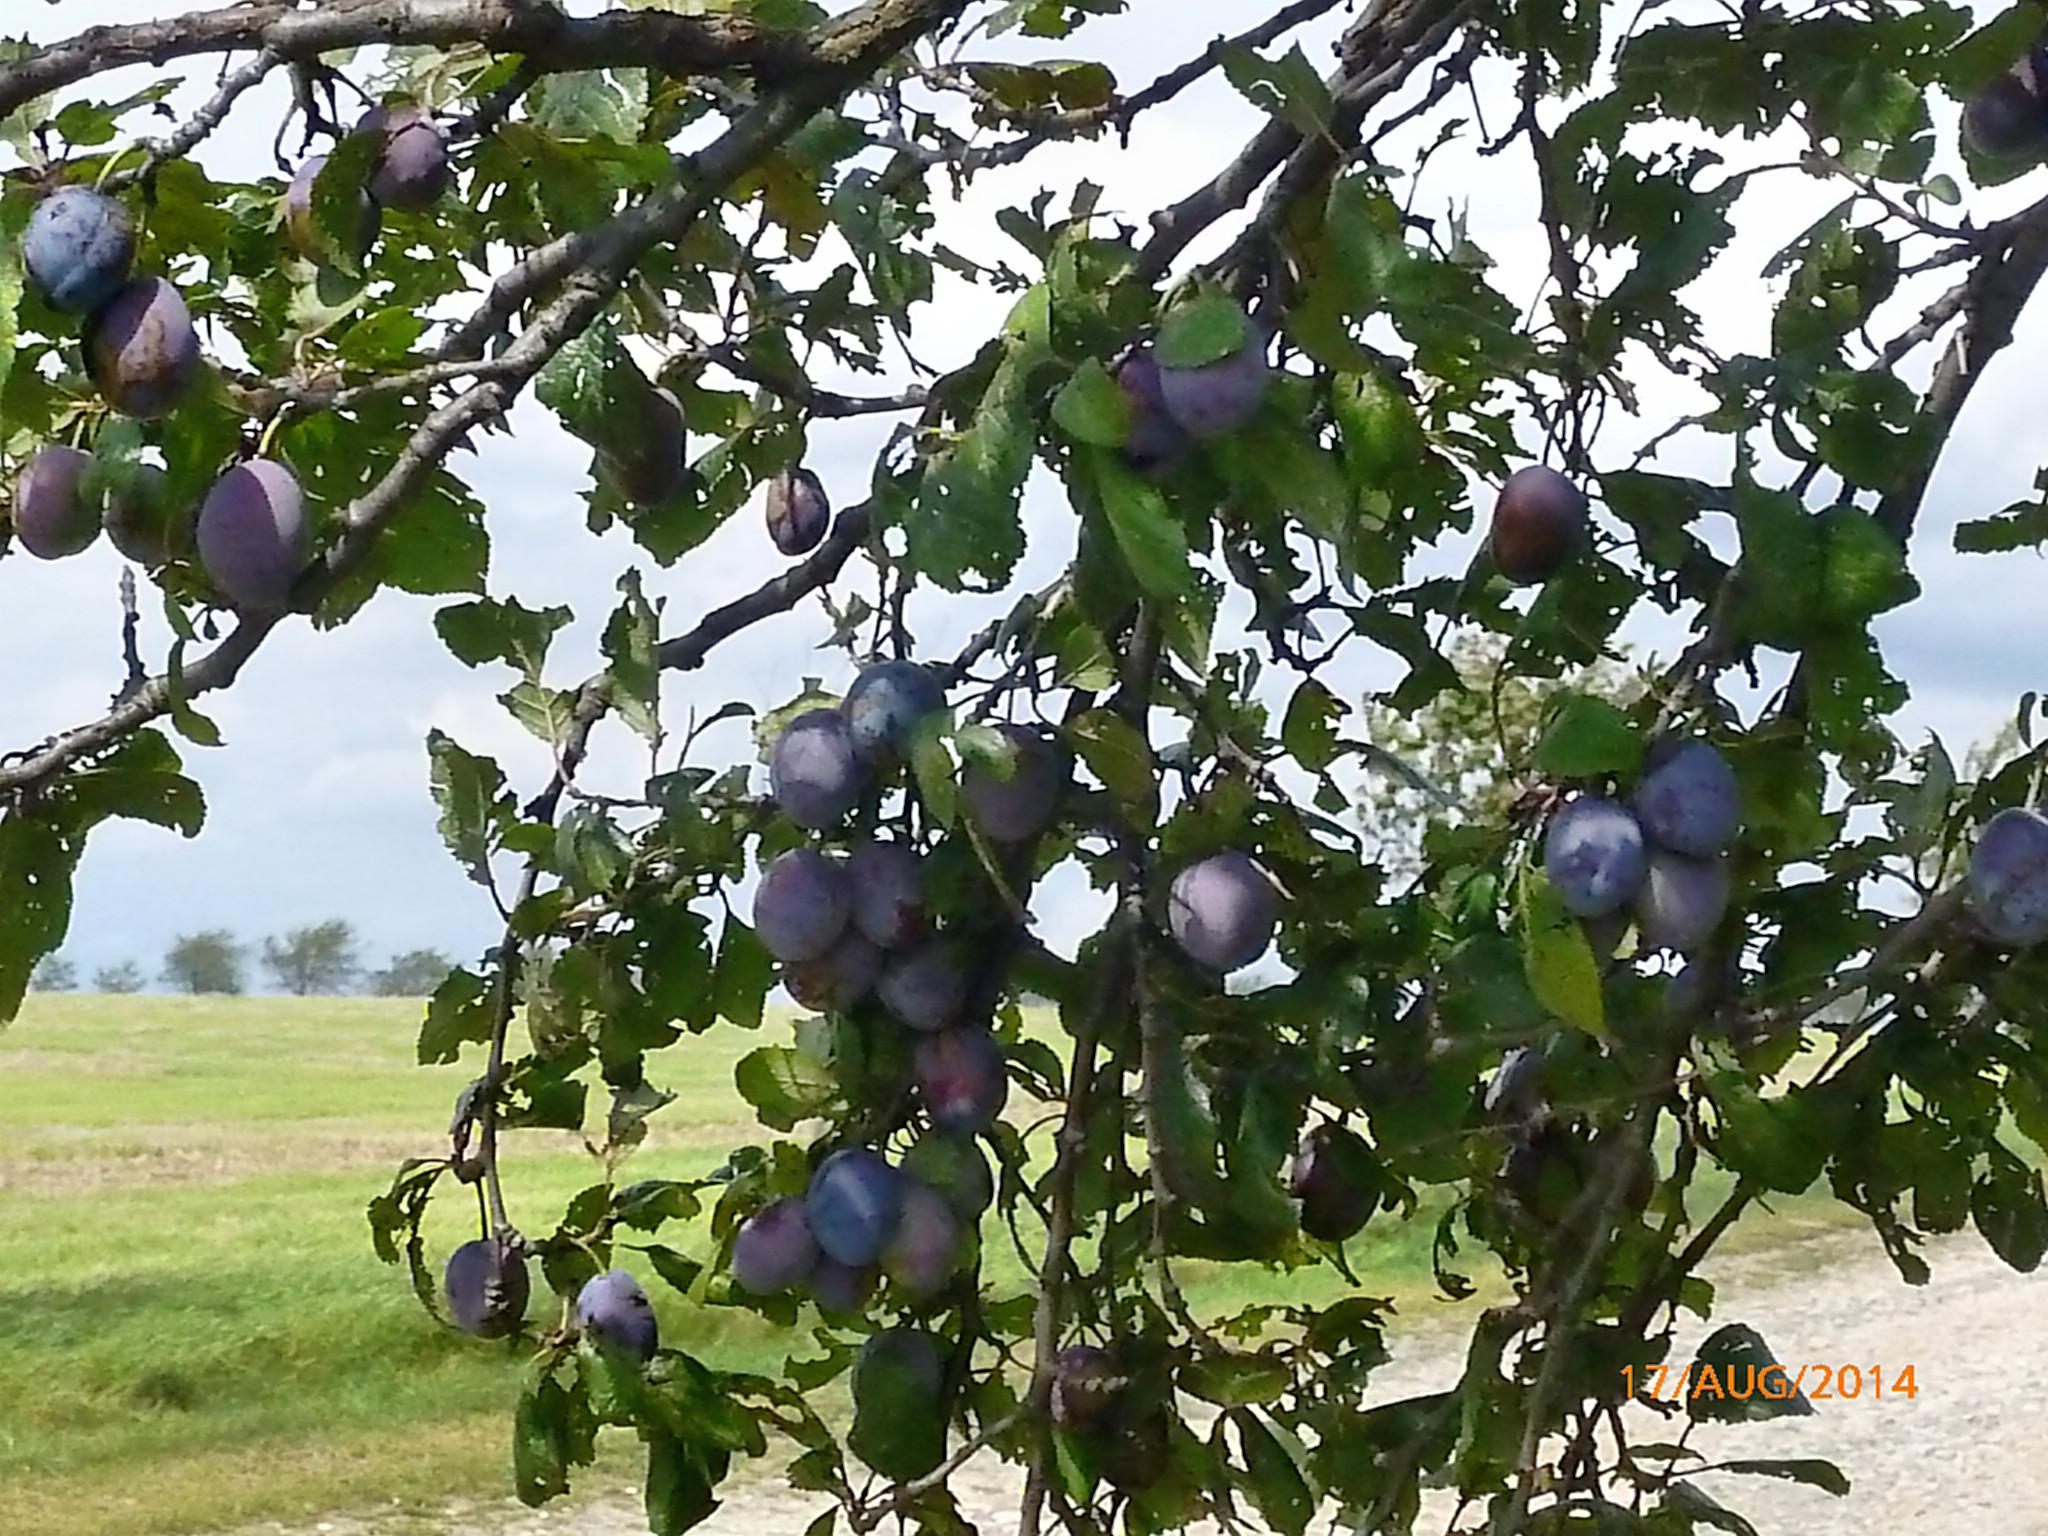 Obst vom Wegesrand-17.8.14   (7)